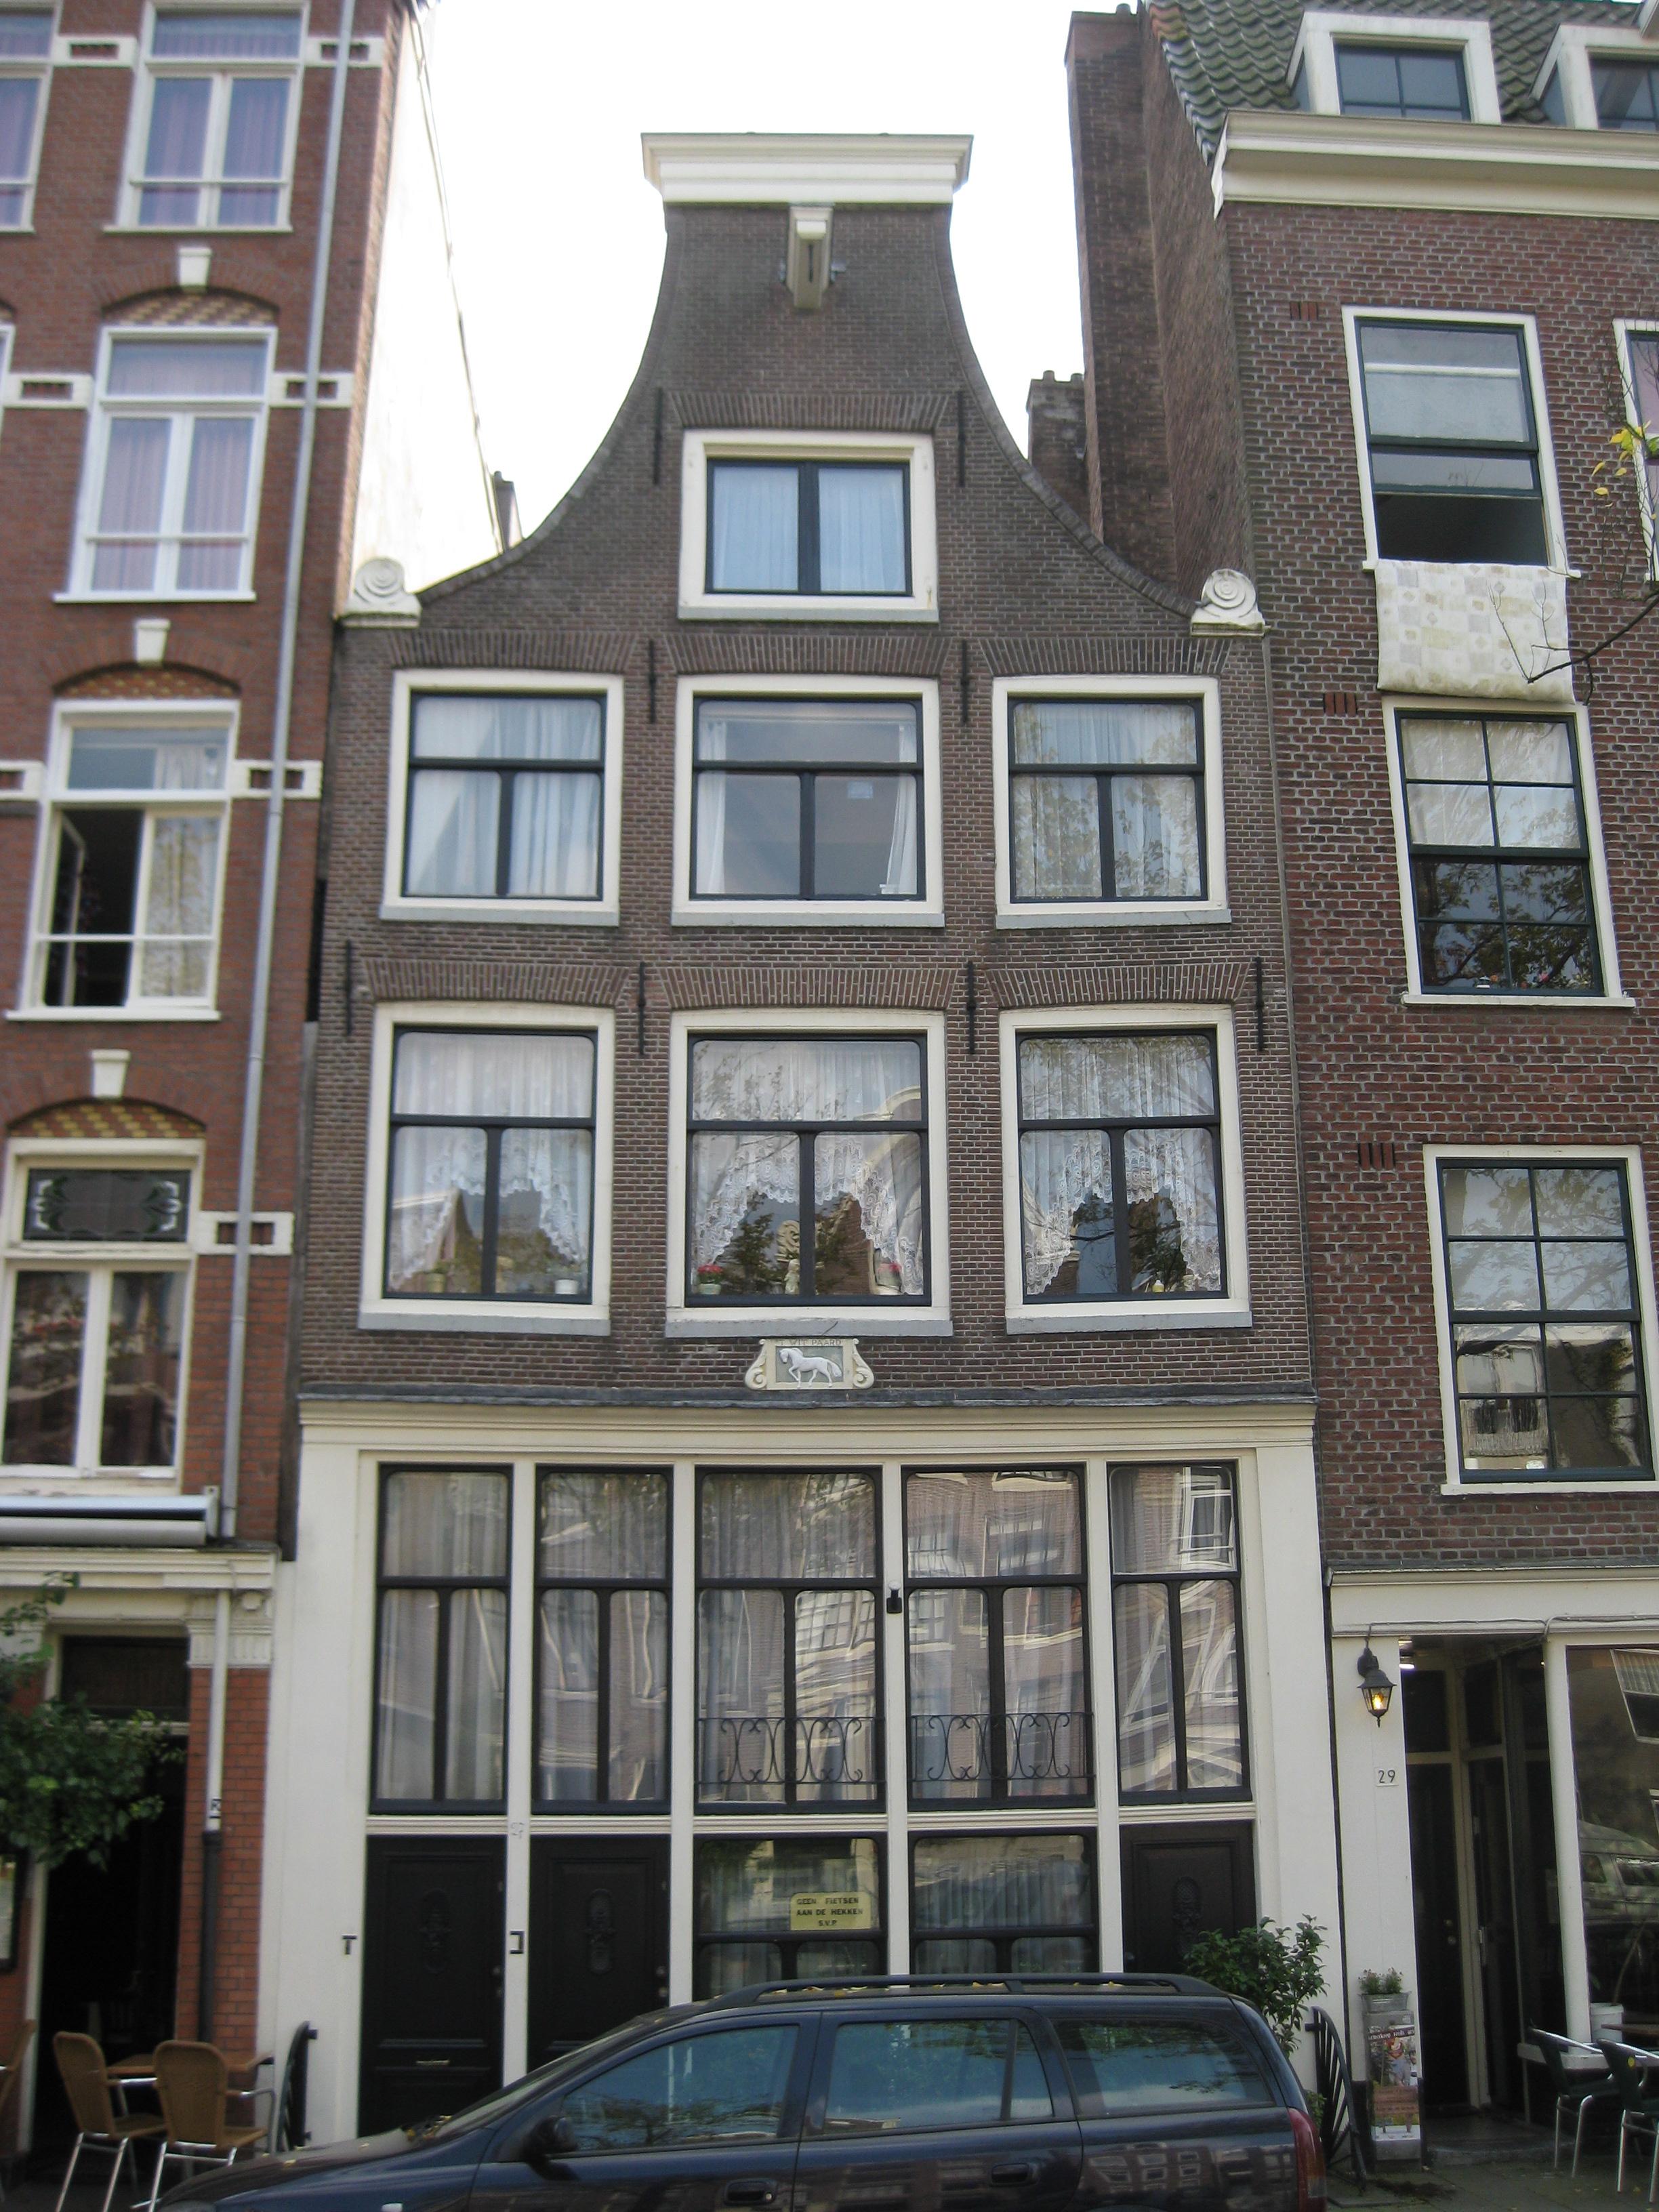 Huis met latere gevel onder klokvormige top met rollagen en afsluitende lijst in amsterdam - Huis gevel ...